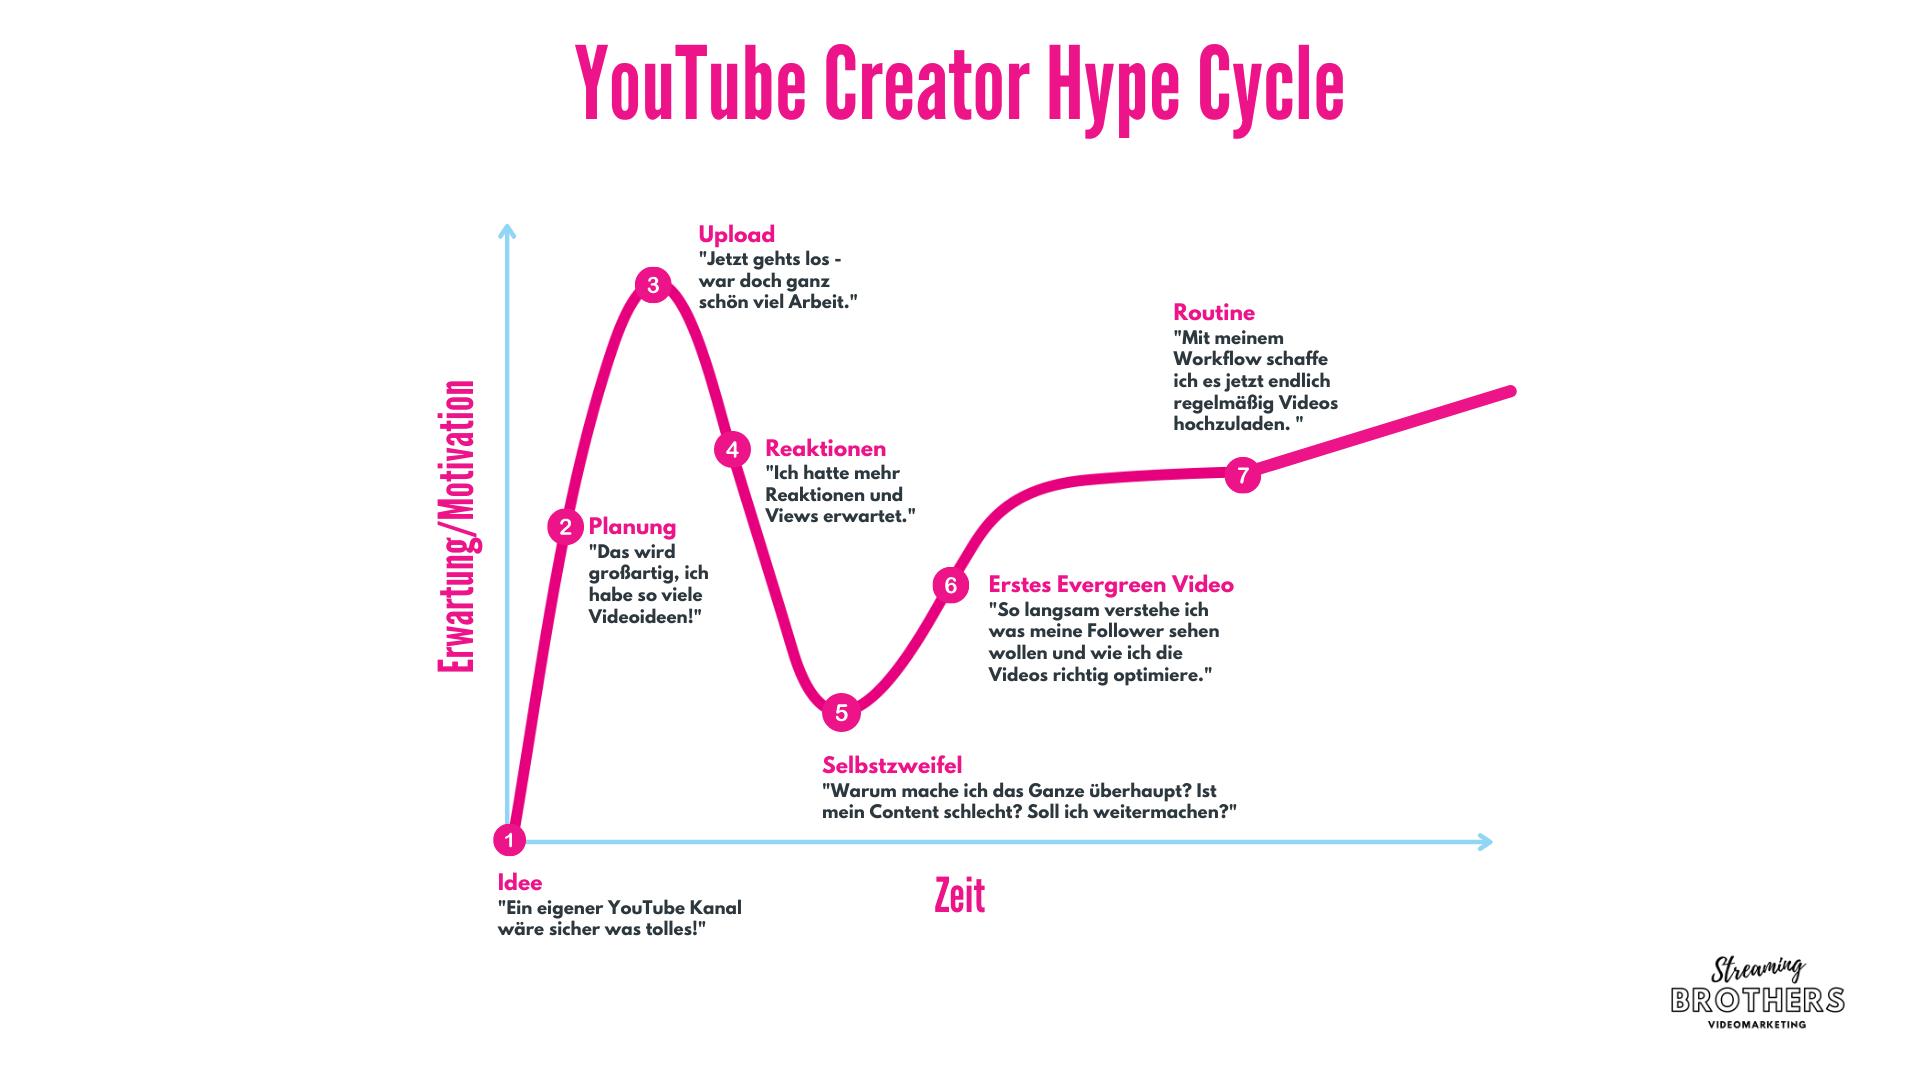 YouTube Creator Hype Cycle